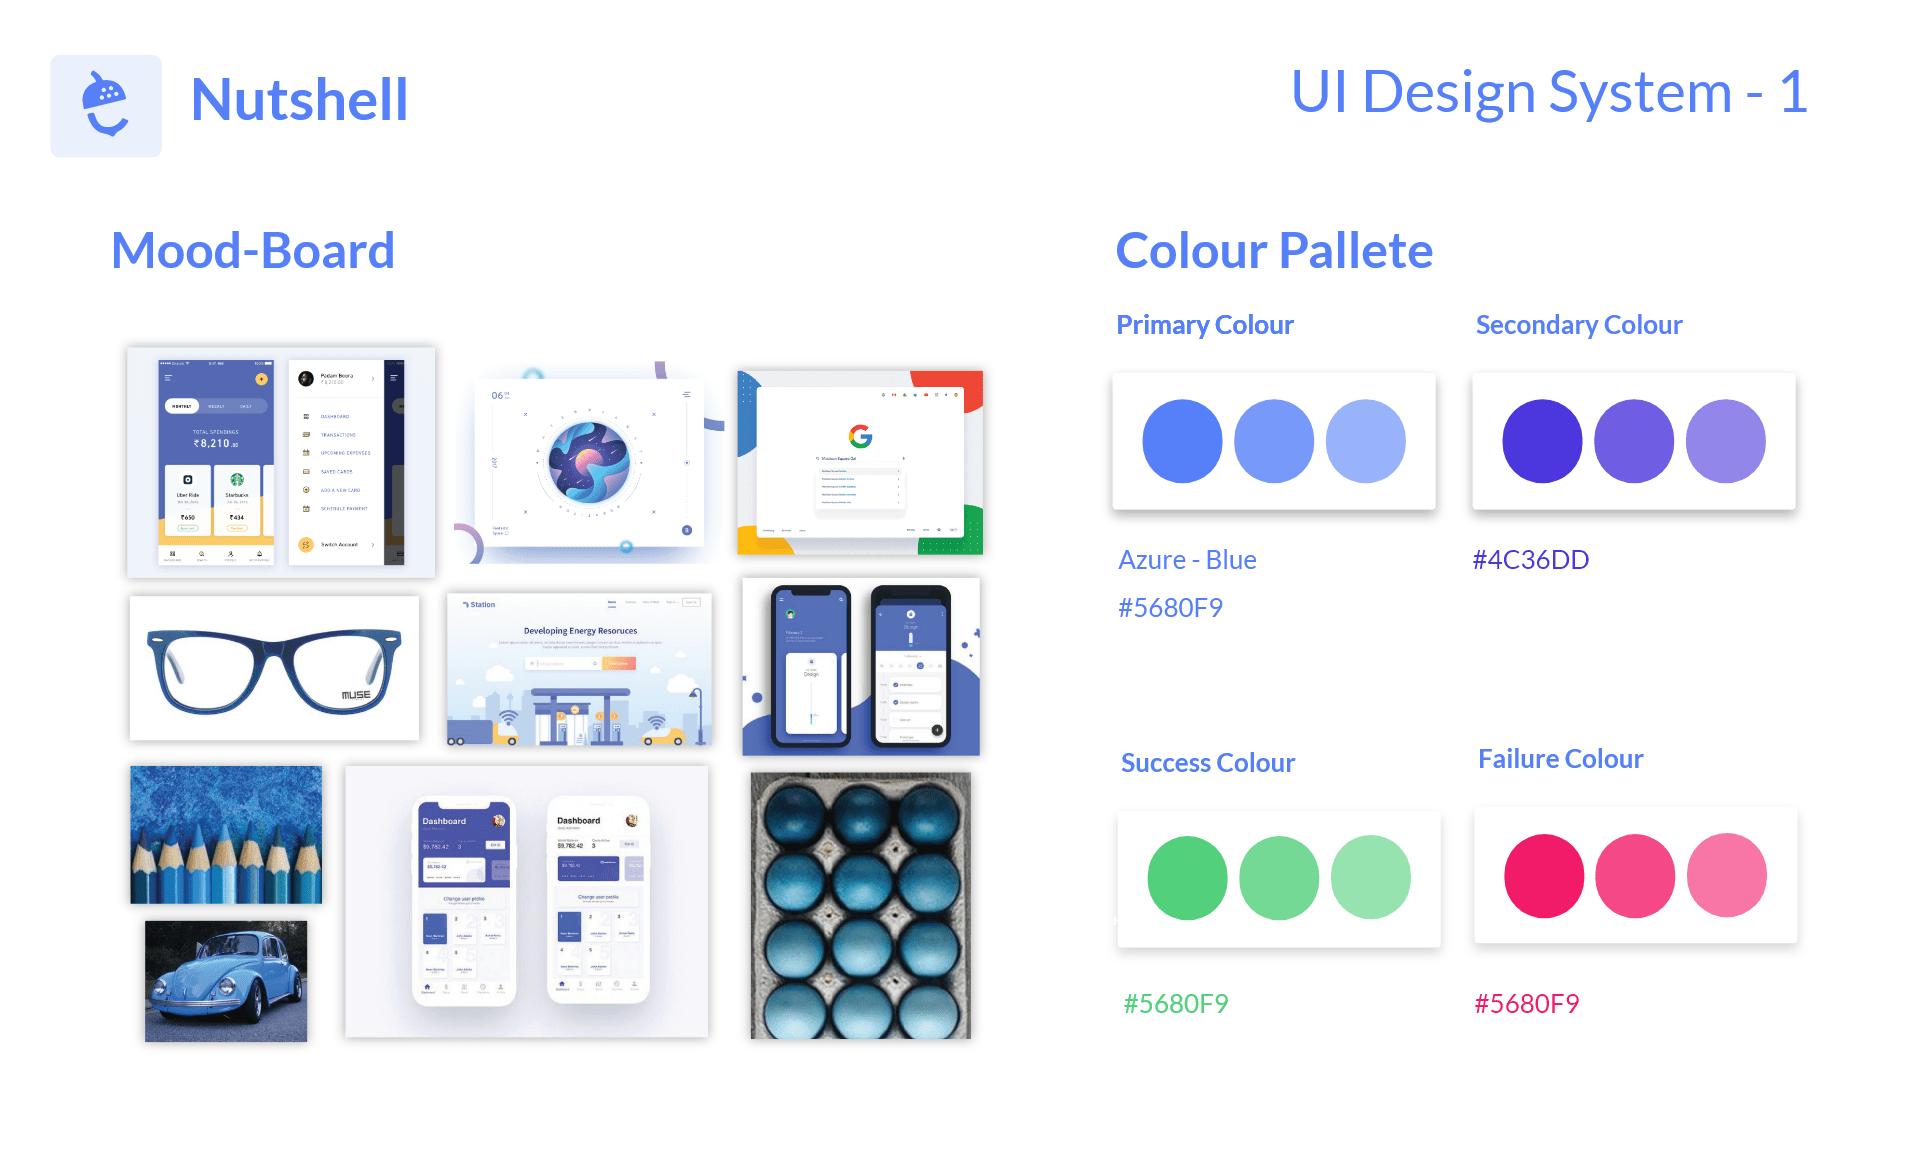 [UI tutorial] Hướng dẫn từng bước tạo hệ thống thiết kế UI Component